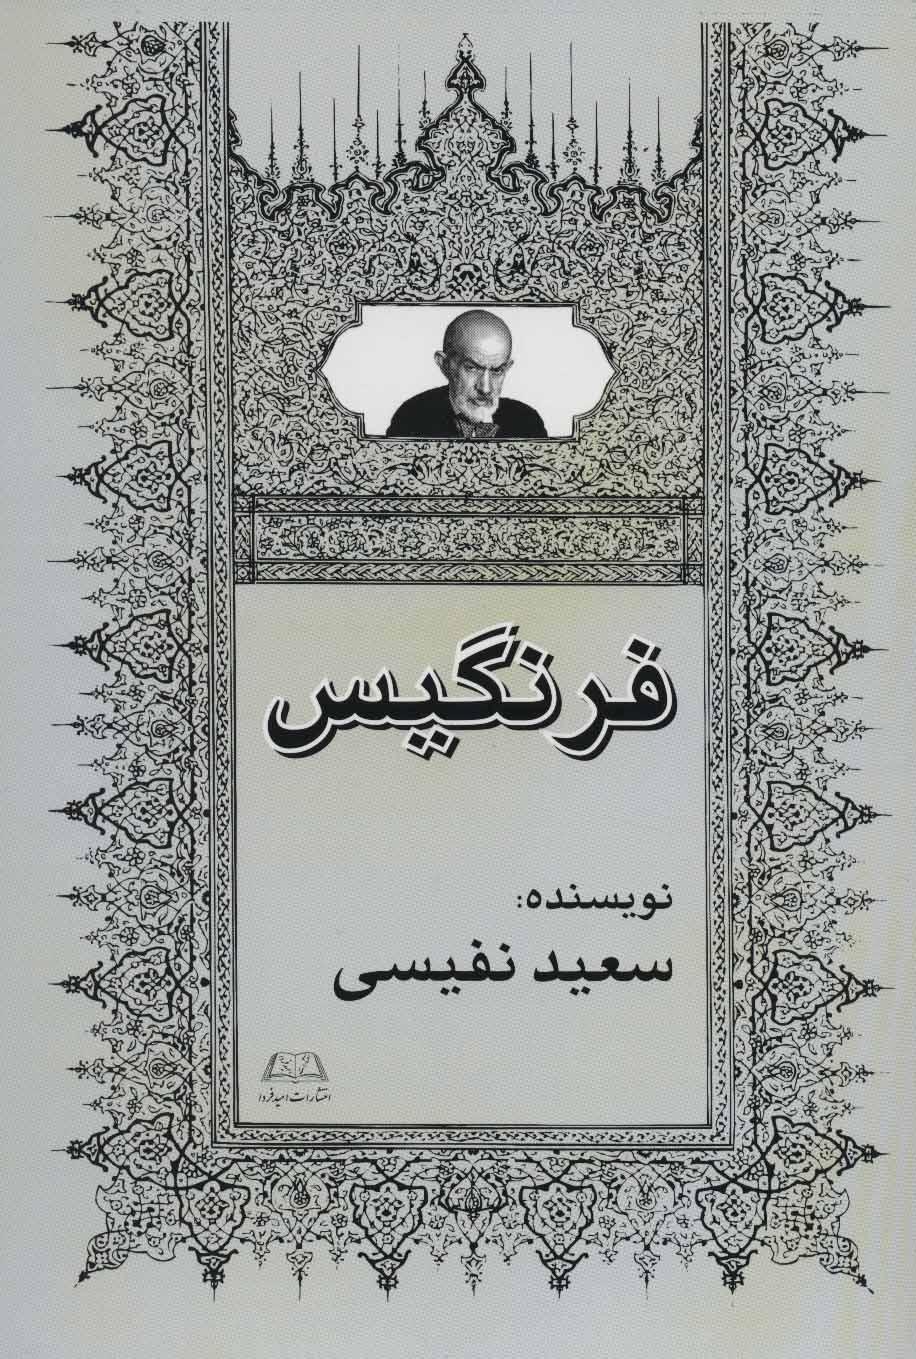 کتاب رمان فرنگیس